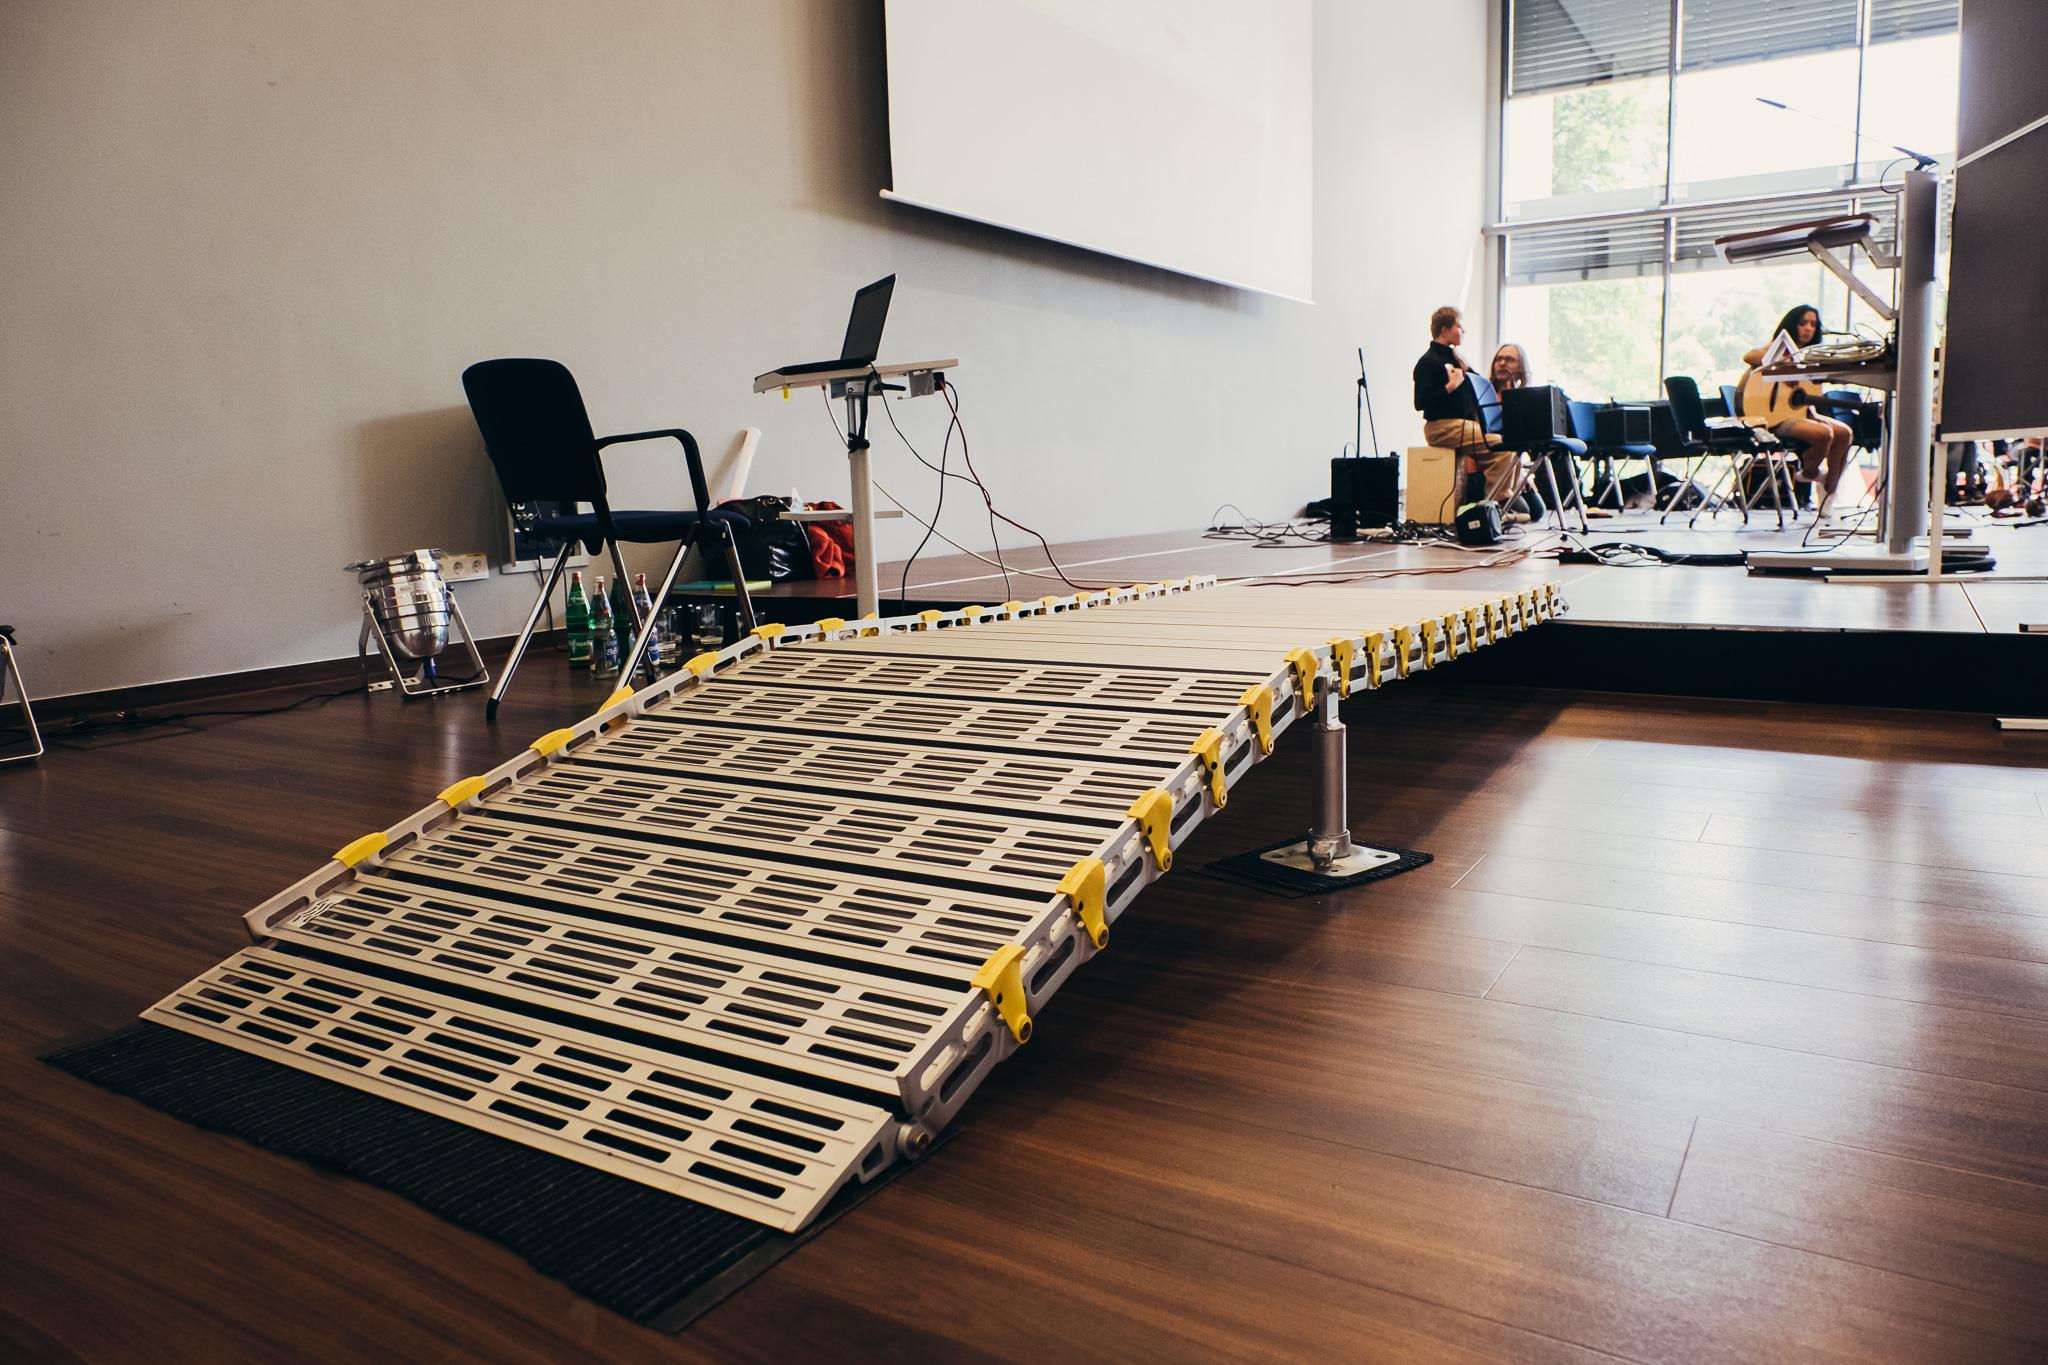 Eine lange Rampe führt auf eine Bühne. Sie ist aus silbernem Metall und hat an den Seiten gelbe Elemente. Im Hintergrund sitzen Podiumsgäste auf Stühlen.